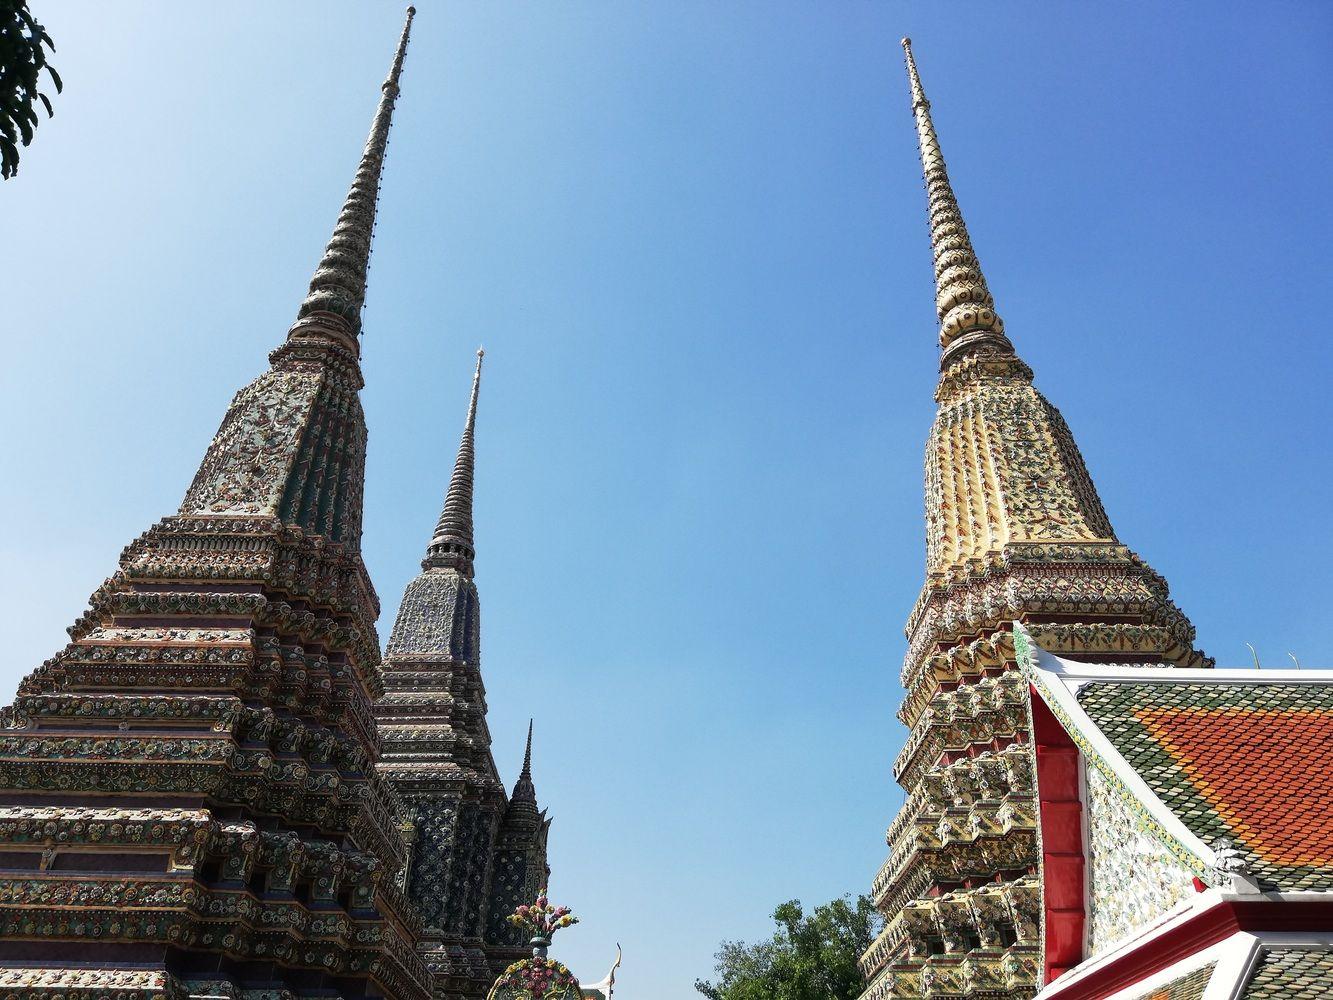 Į Tailandą Lietuvos piliečiai galės vykti be vizų